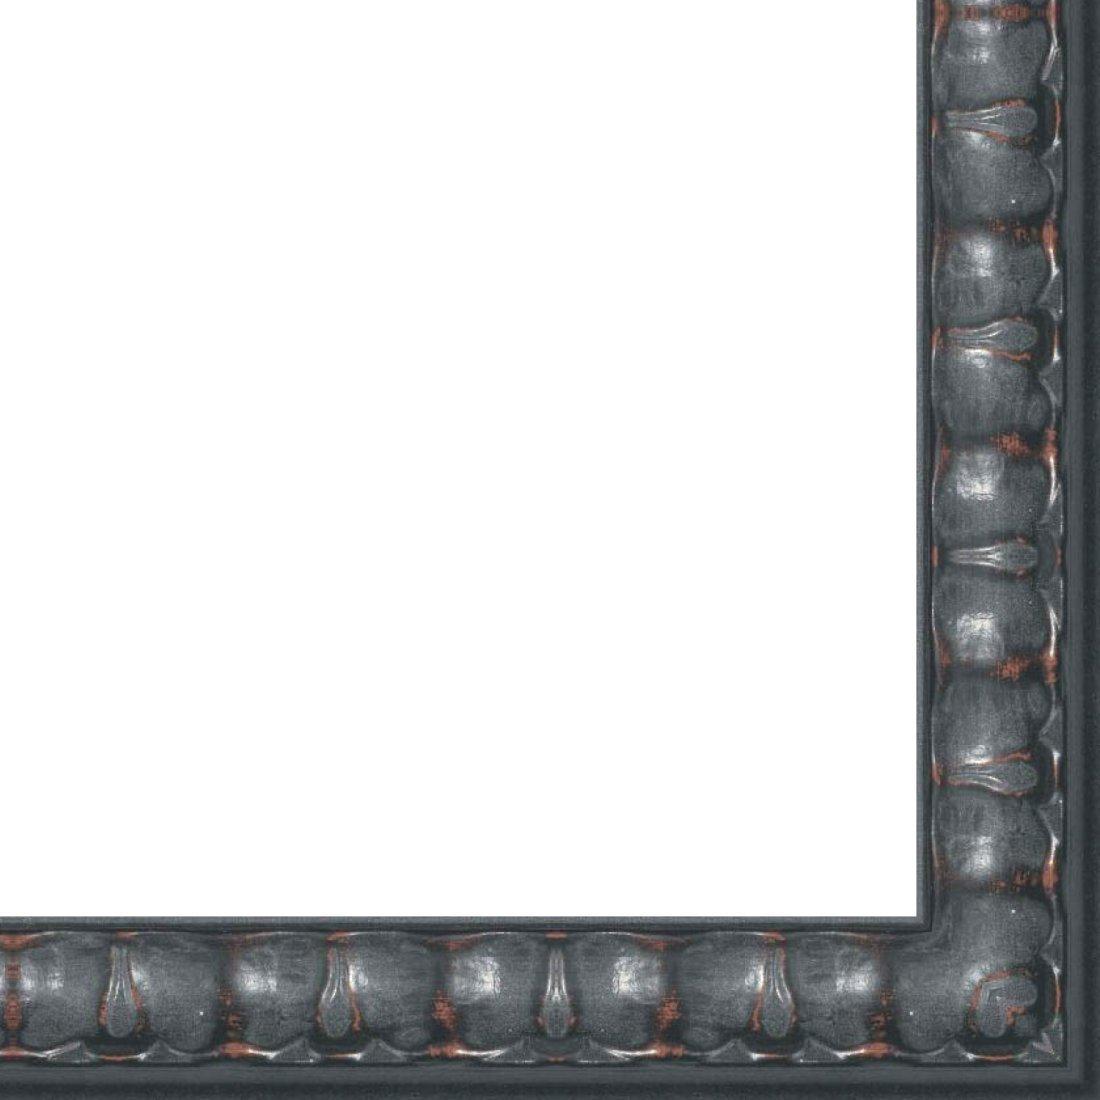 Picture Frame Moulding (Wood) 18ft bundle - Distressed/Aged Black Finish - 1.5'' width - 5/8'' rabbet depth